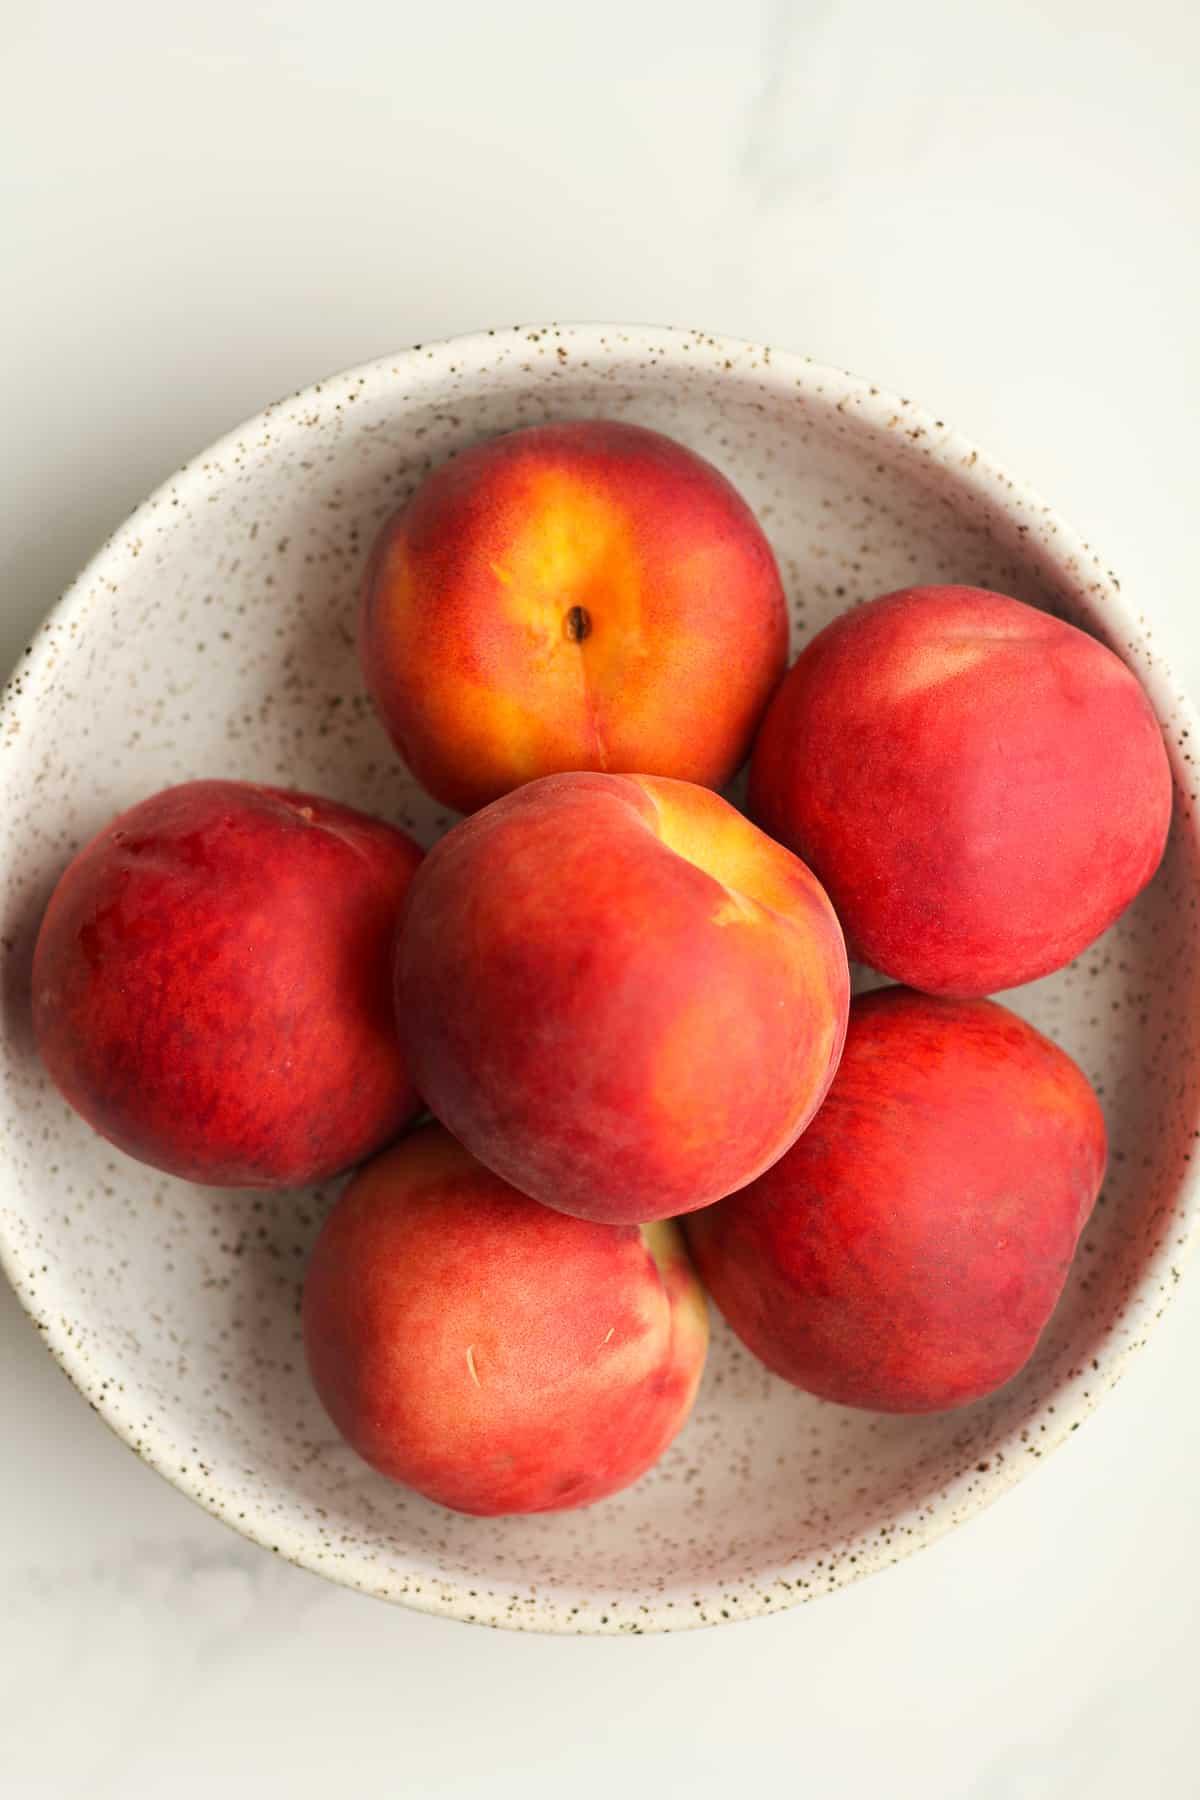 A bowl of fresh peaches.